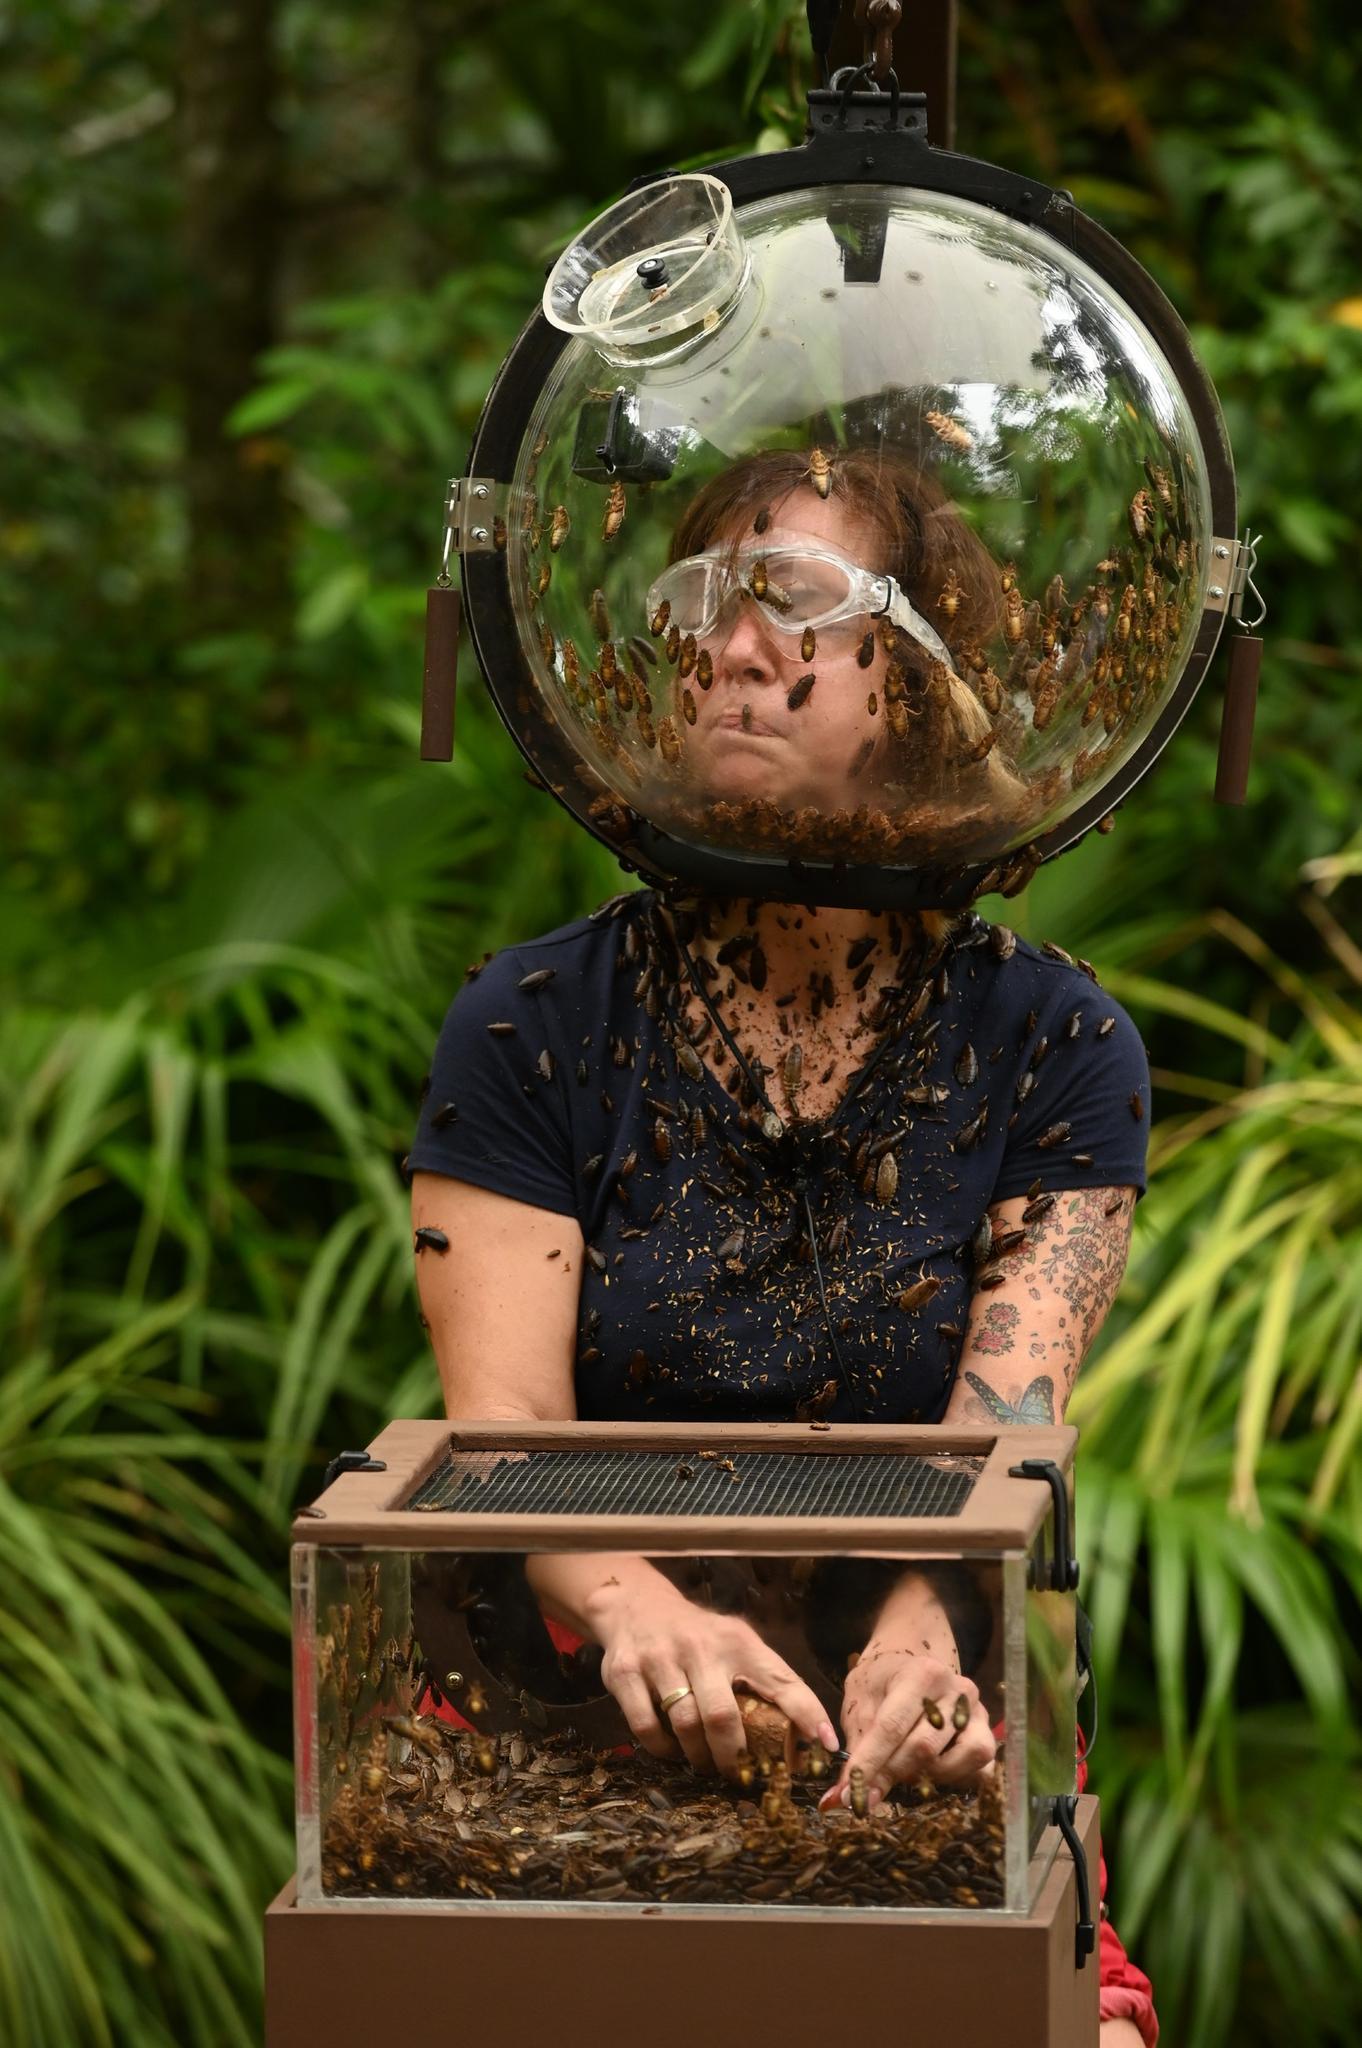 Die Dschungelcamp-Prüfung fordert Daniela Büchner ganz schön heraus.